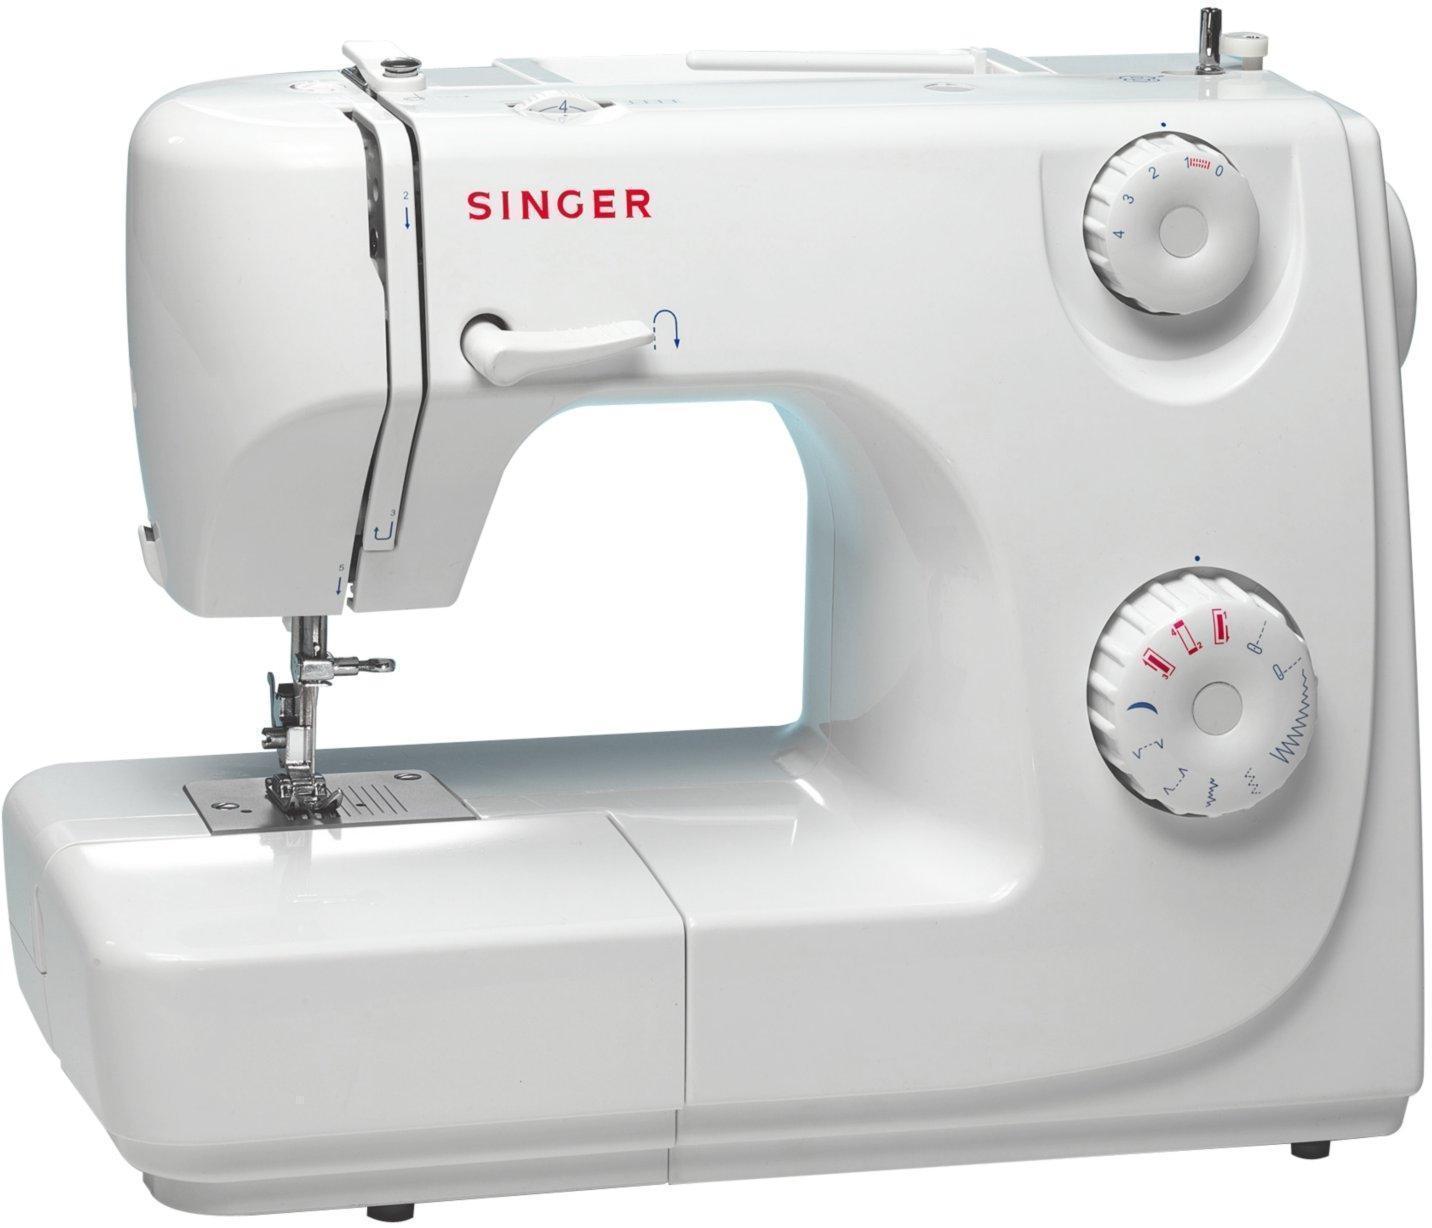 Singer 8280 швейная машина8280компактная швейная машина Singer 8280 умеет делать все основные швейные операции и отлично подойдет для обучения шитью, ремонта одежды, шитья несложных вещей и других подобных работ.